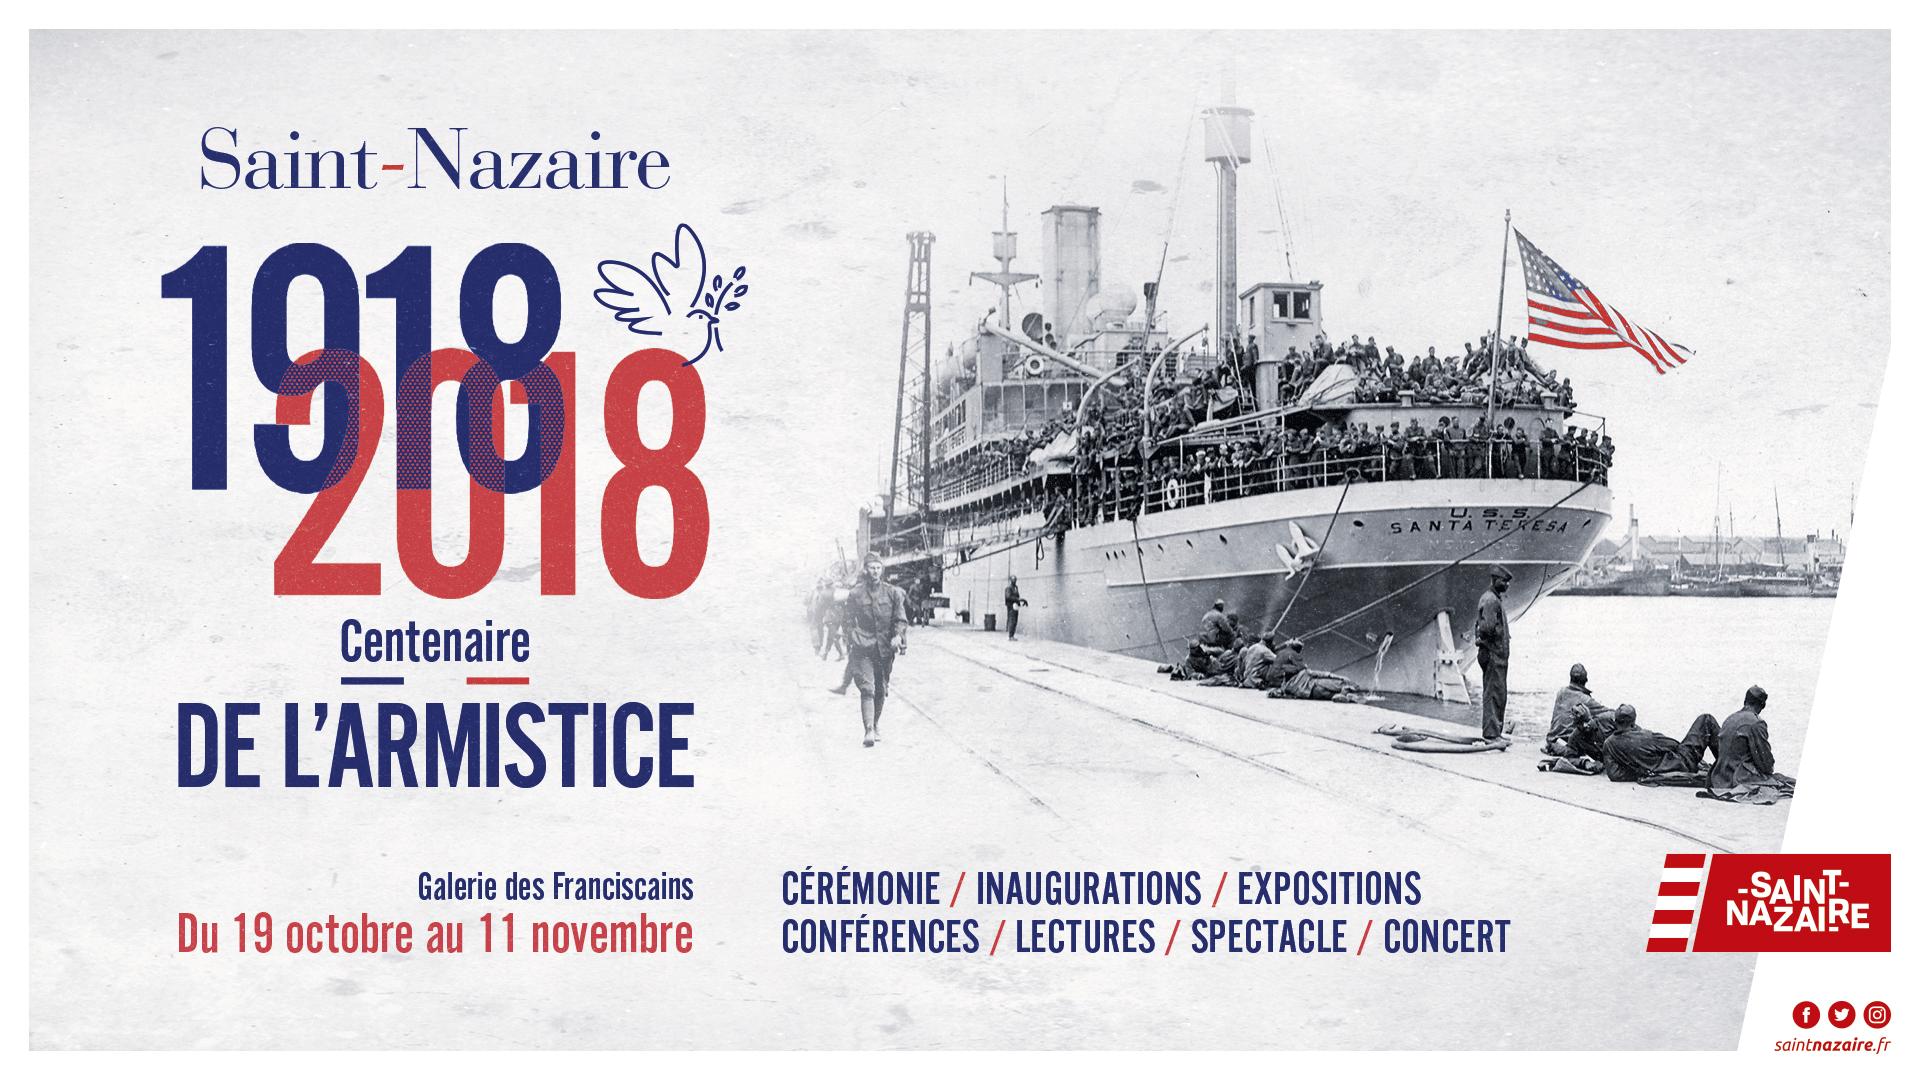 Centenaire de l'armistice de 1918 à Saint-Nazaire